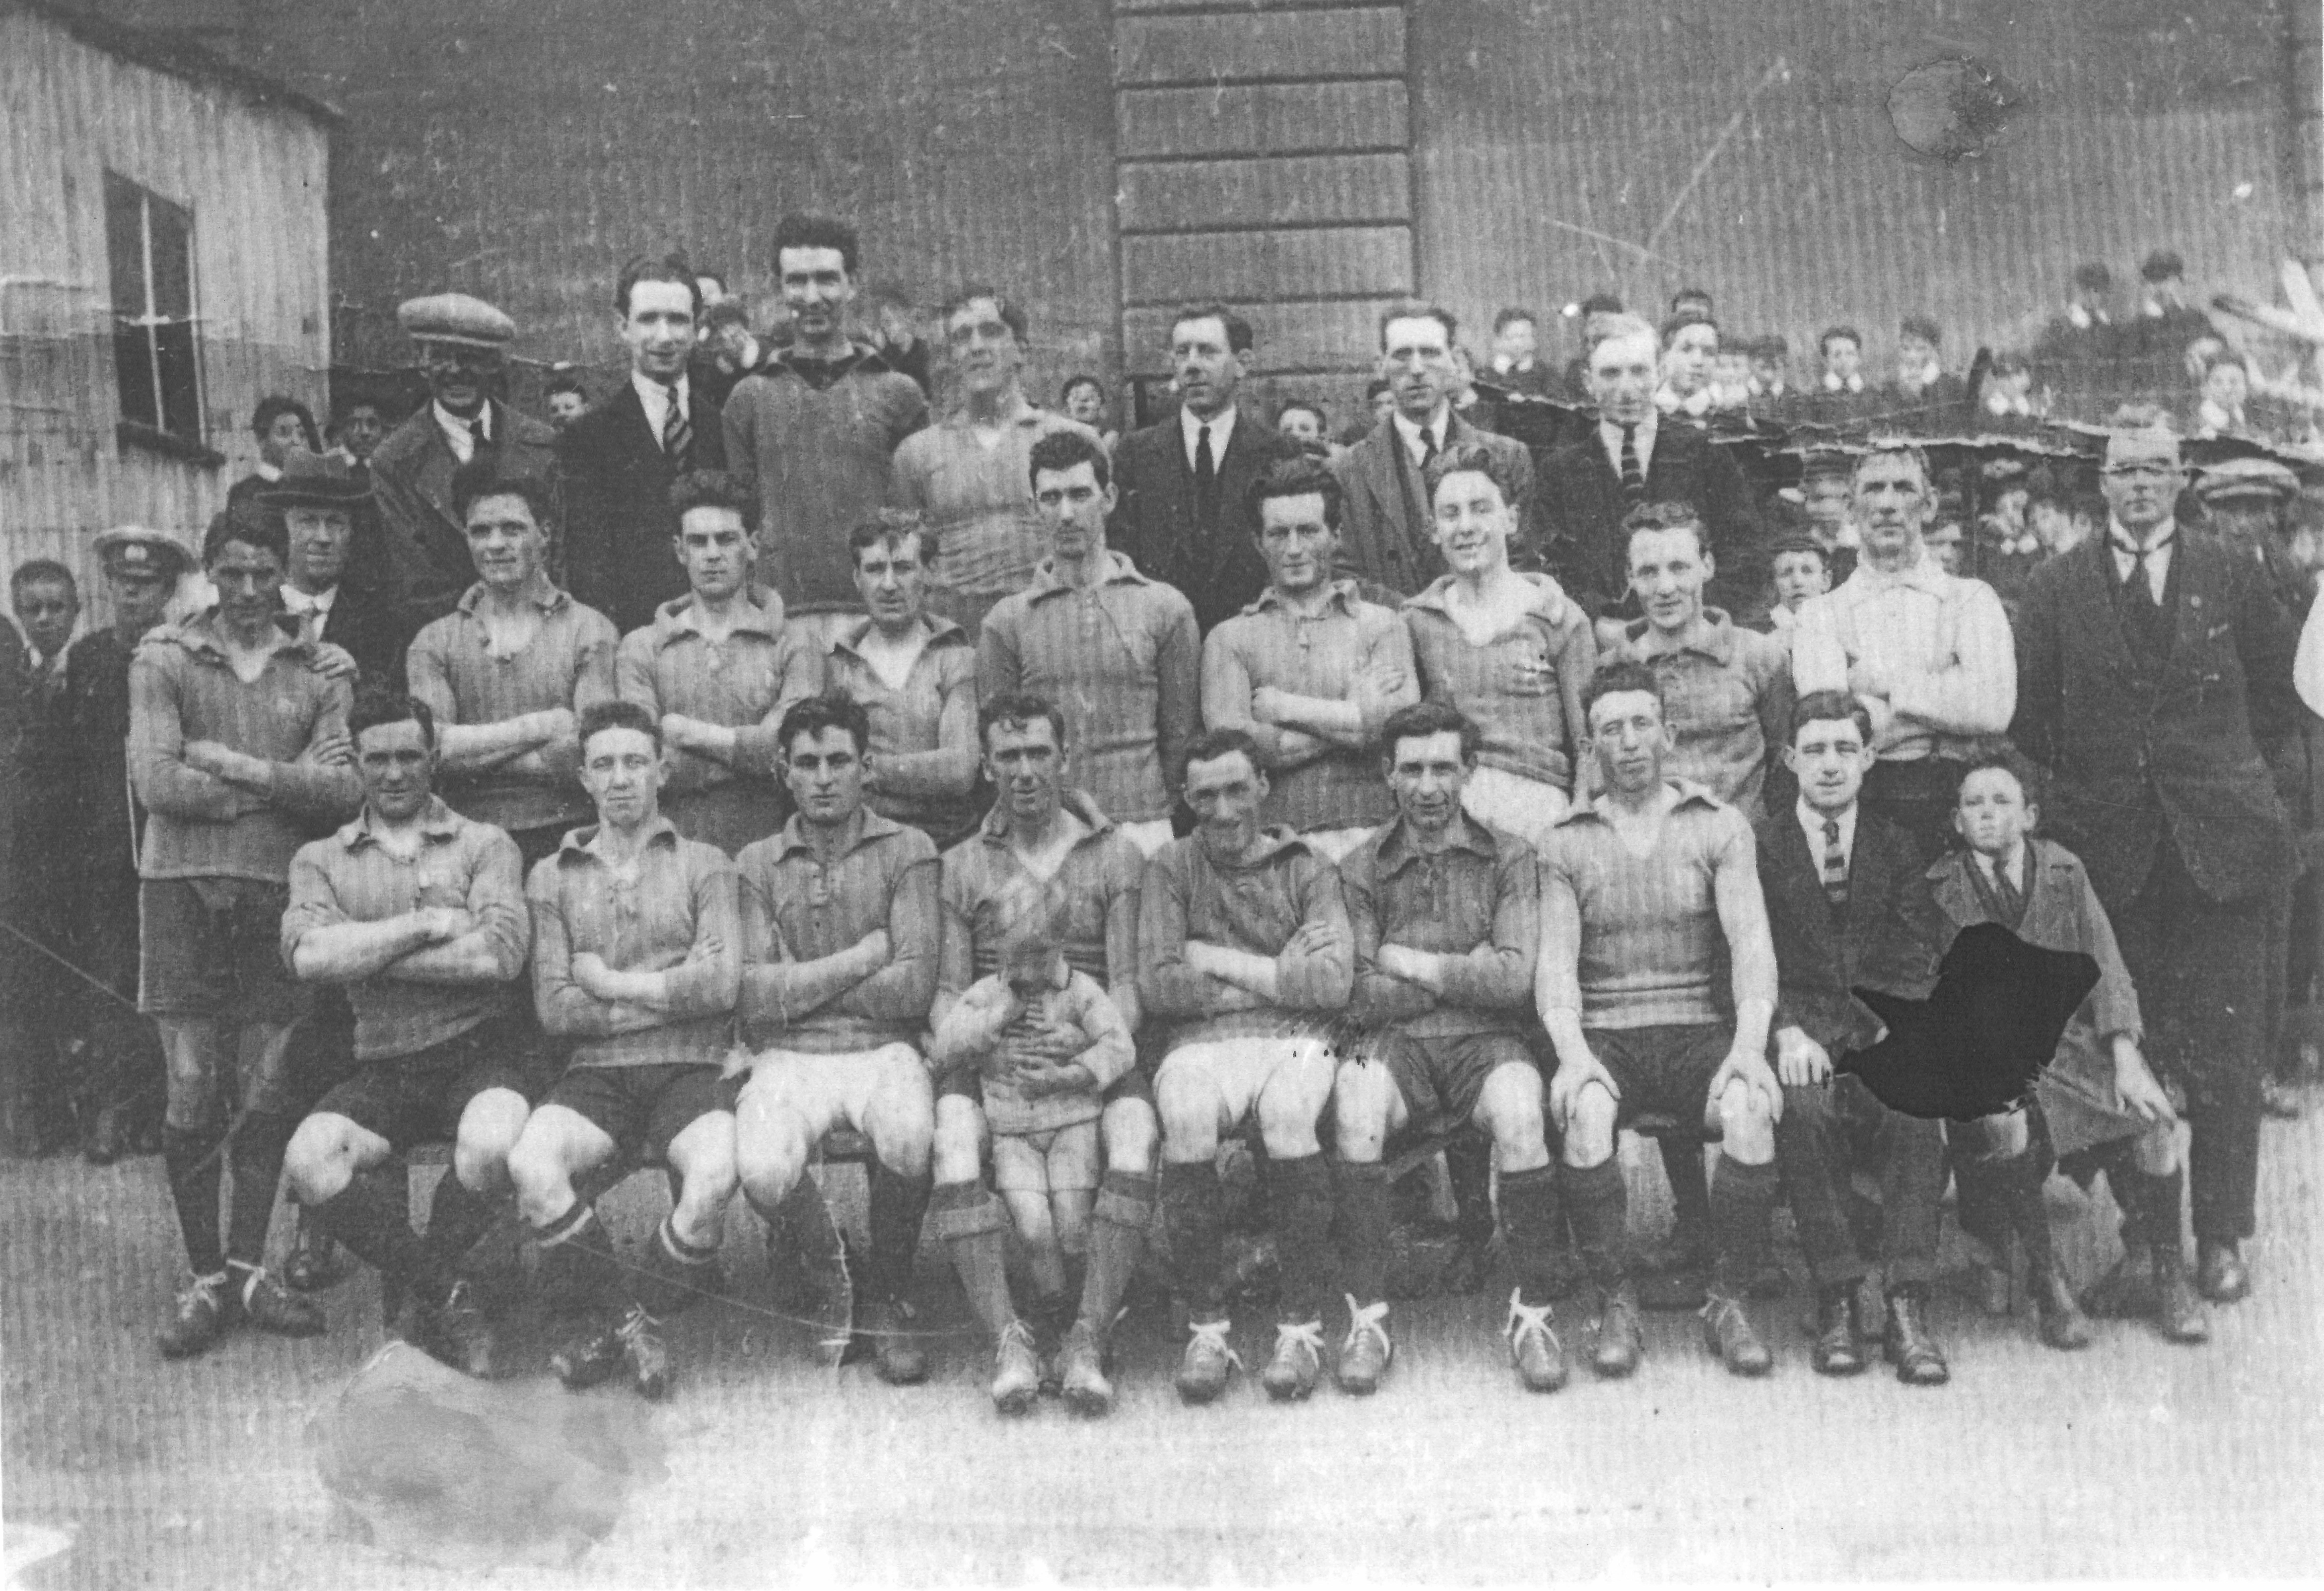 Dublin (O'Toole's) 1922 Football All-Ireland Champions